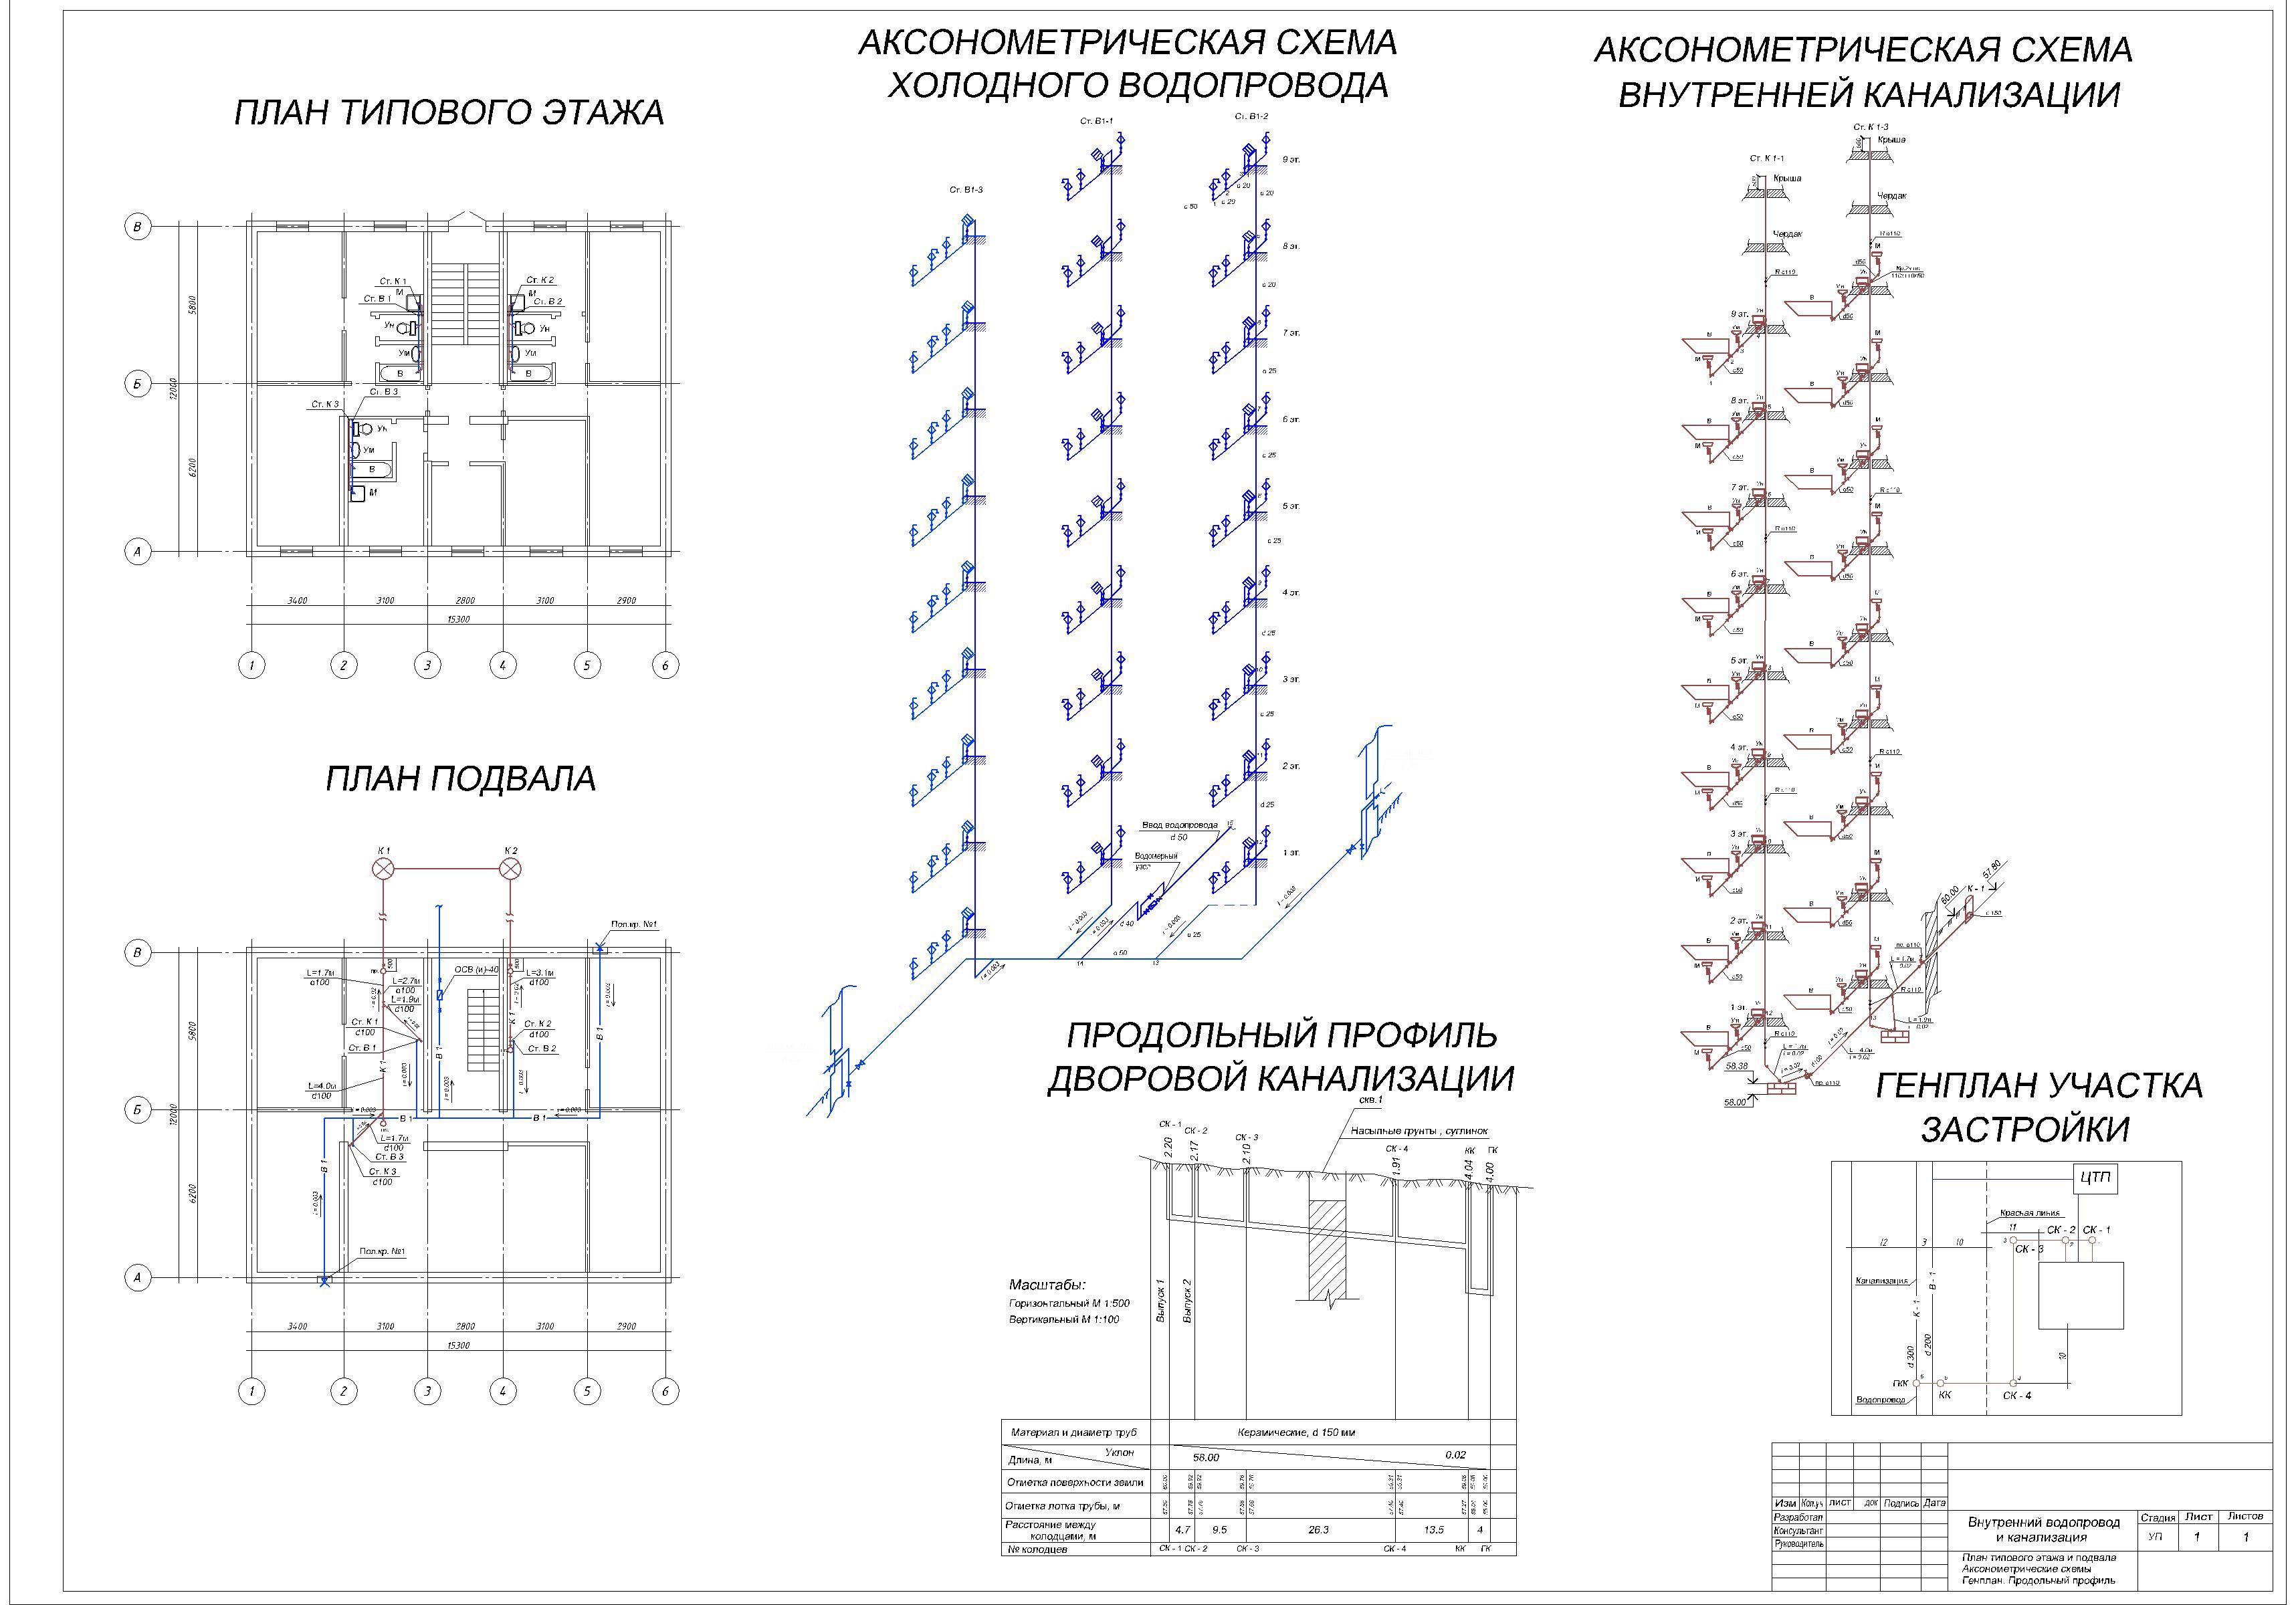 Системы и схемы водоснабжения здания